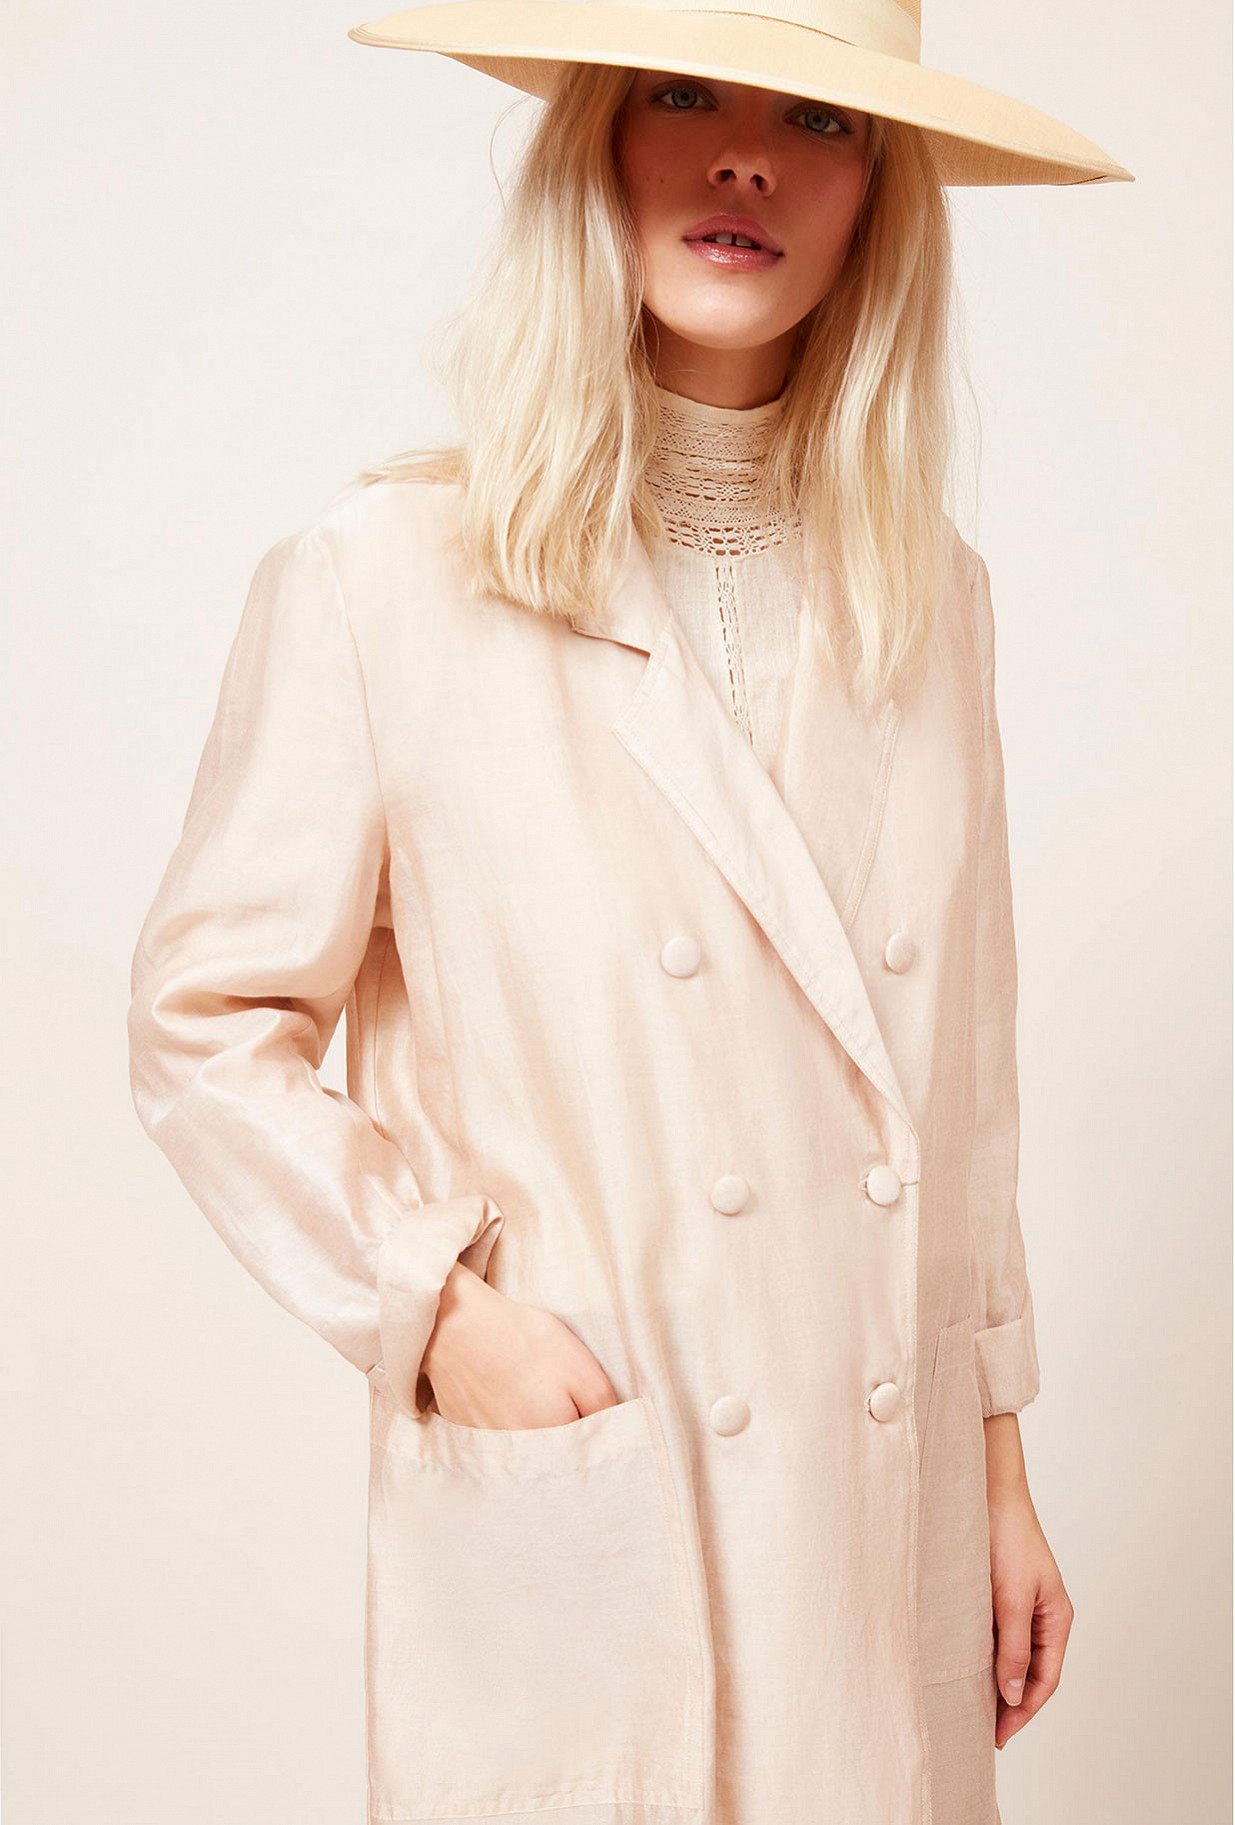 Paris clothes store Coat  Oxygene french designer fashion Paris